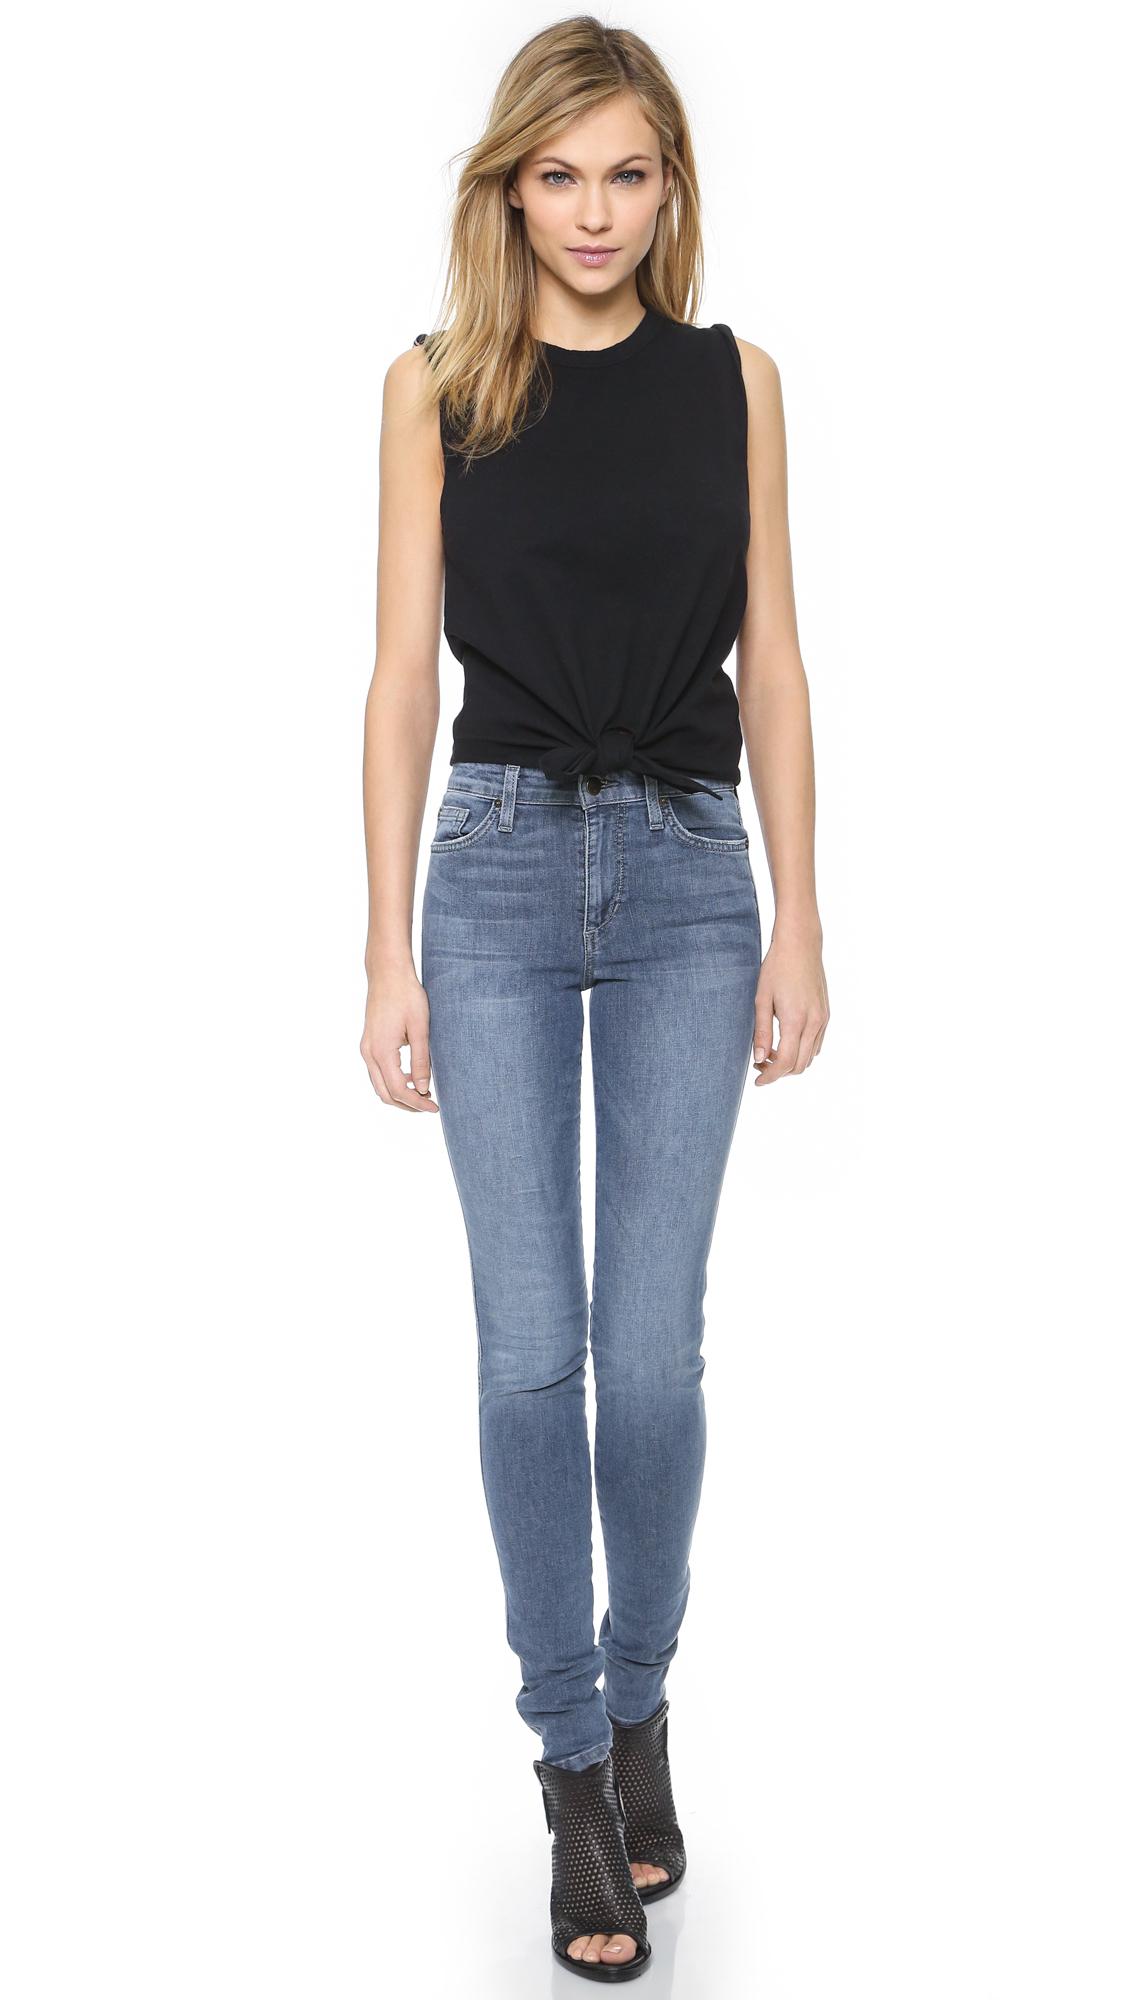 Joeu0026#39;s jeans Knot Tank Top - Black in Black | Lyst